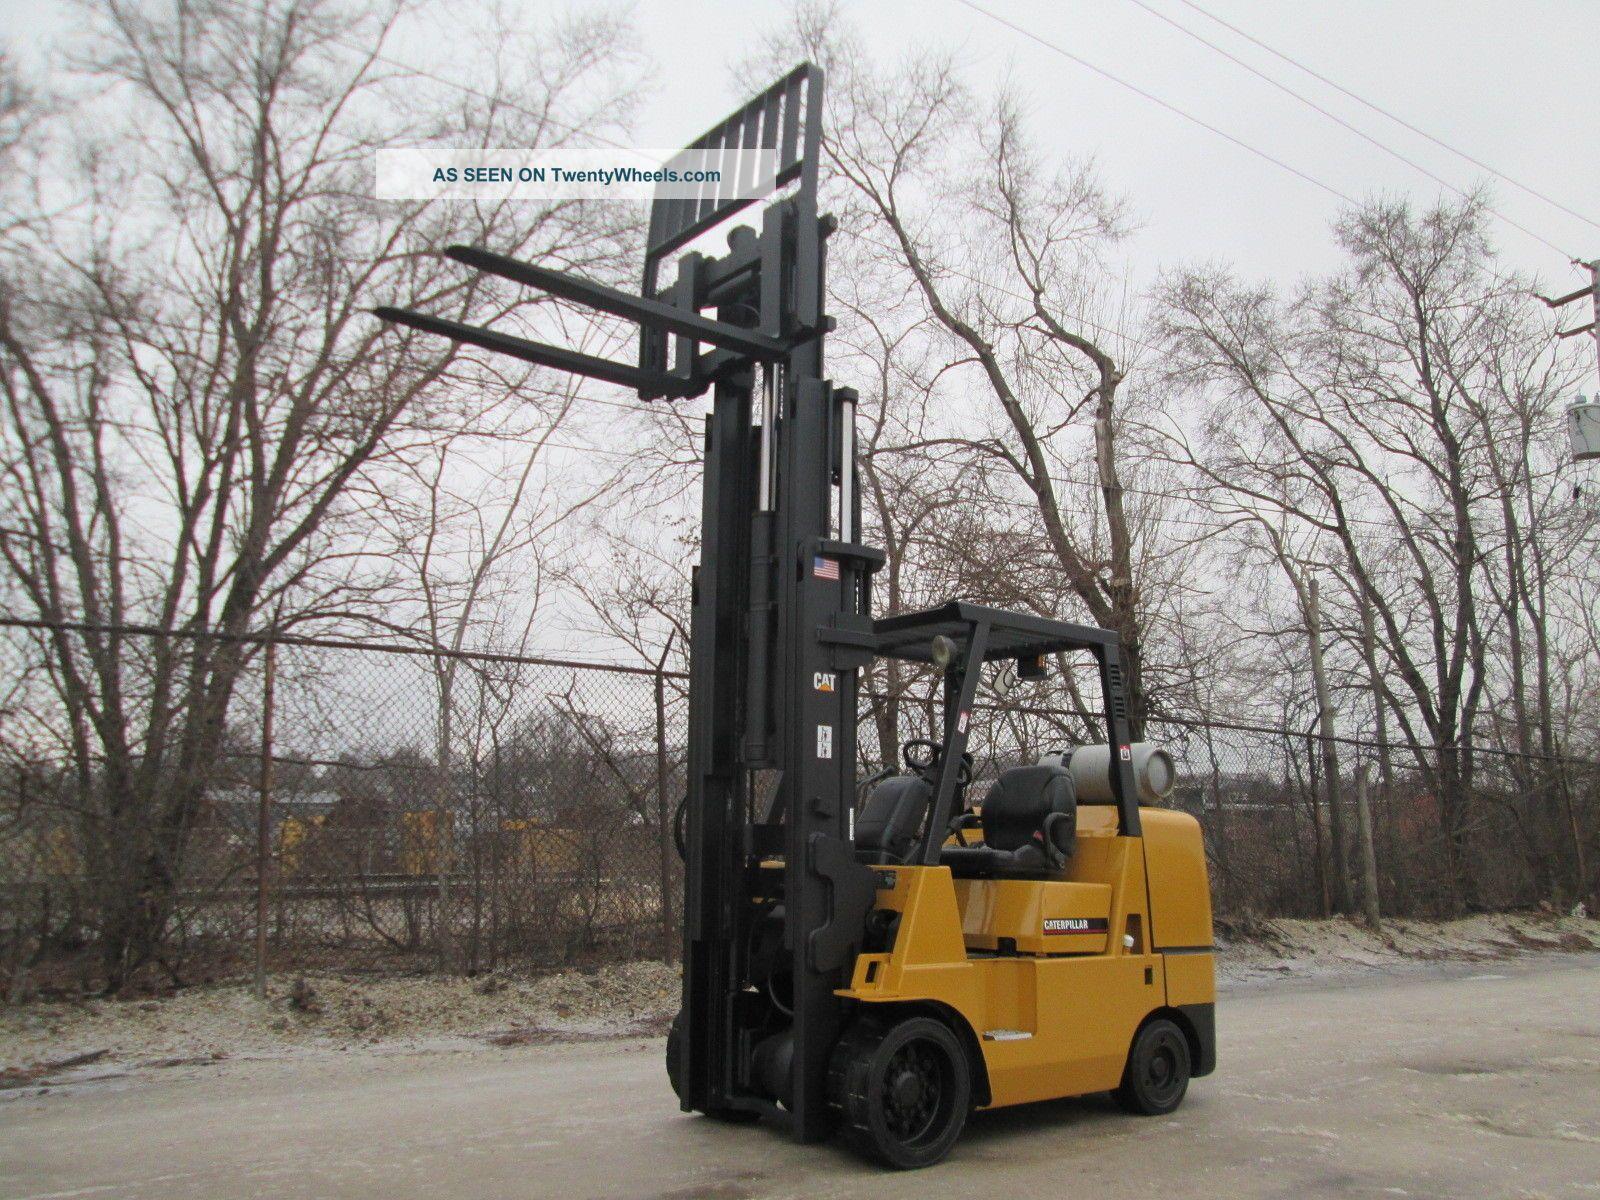 Mitsubishi Fgc K C Forklift Lift Truck Hilo Fork Lb Capacity Caterpillar Lgw